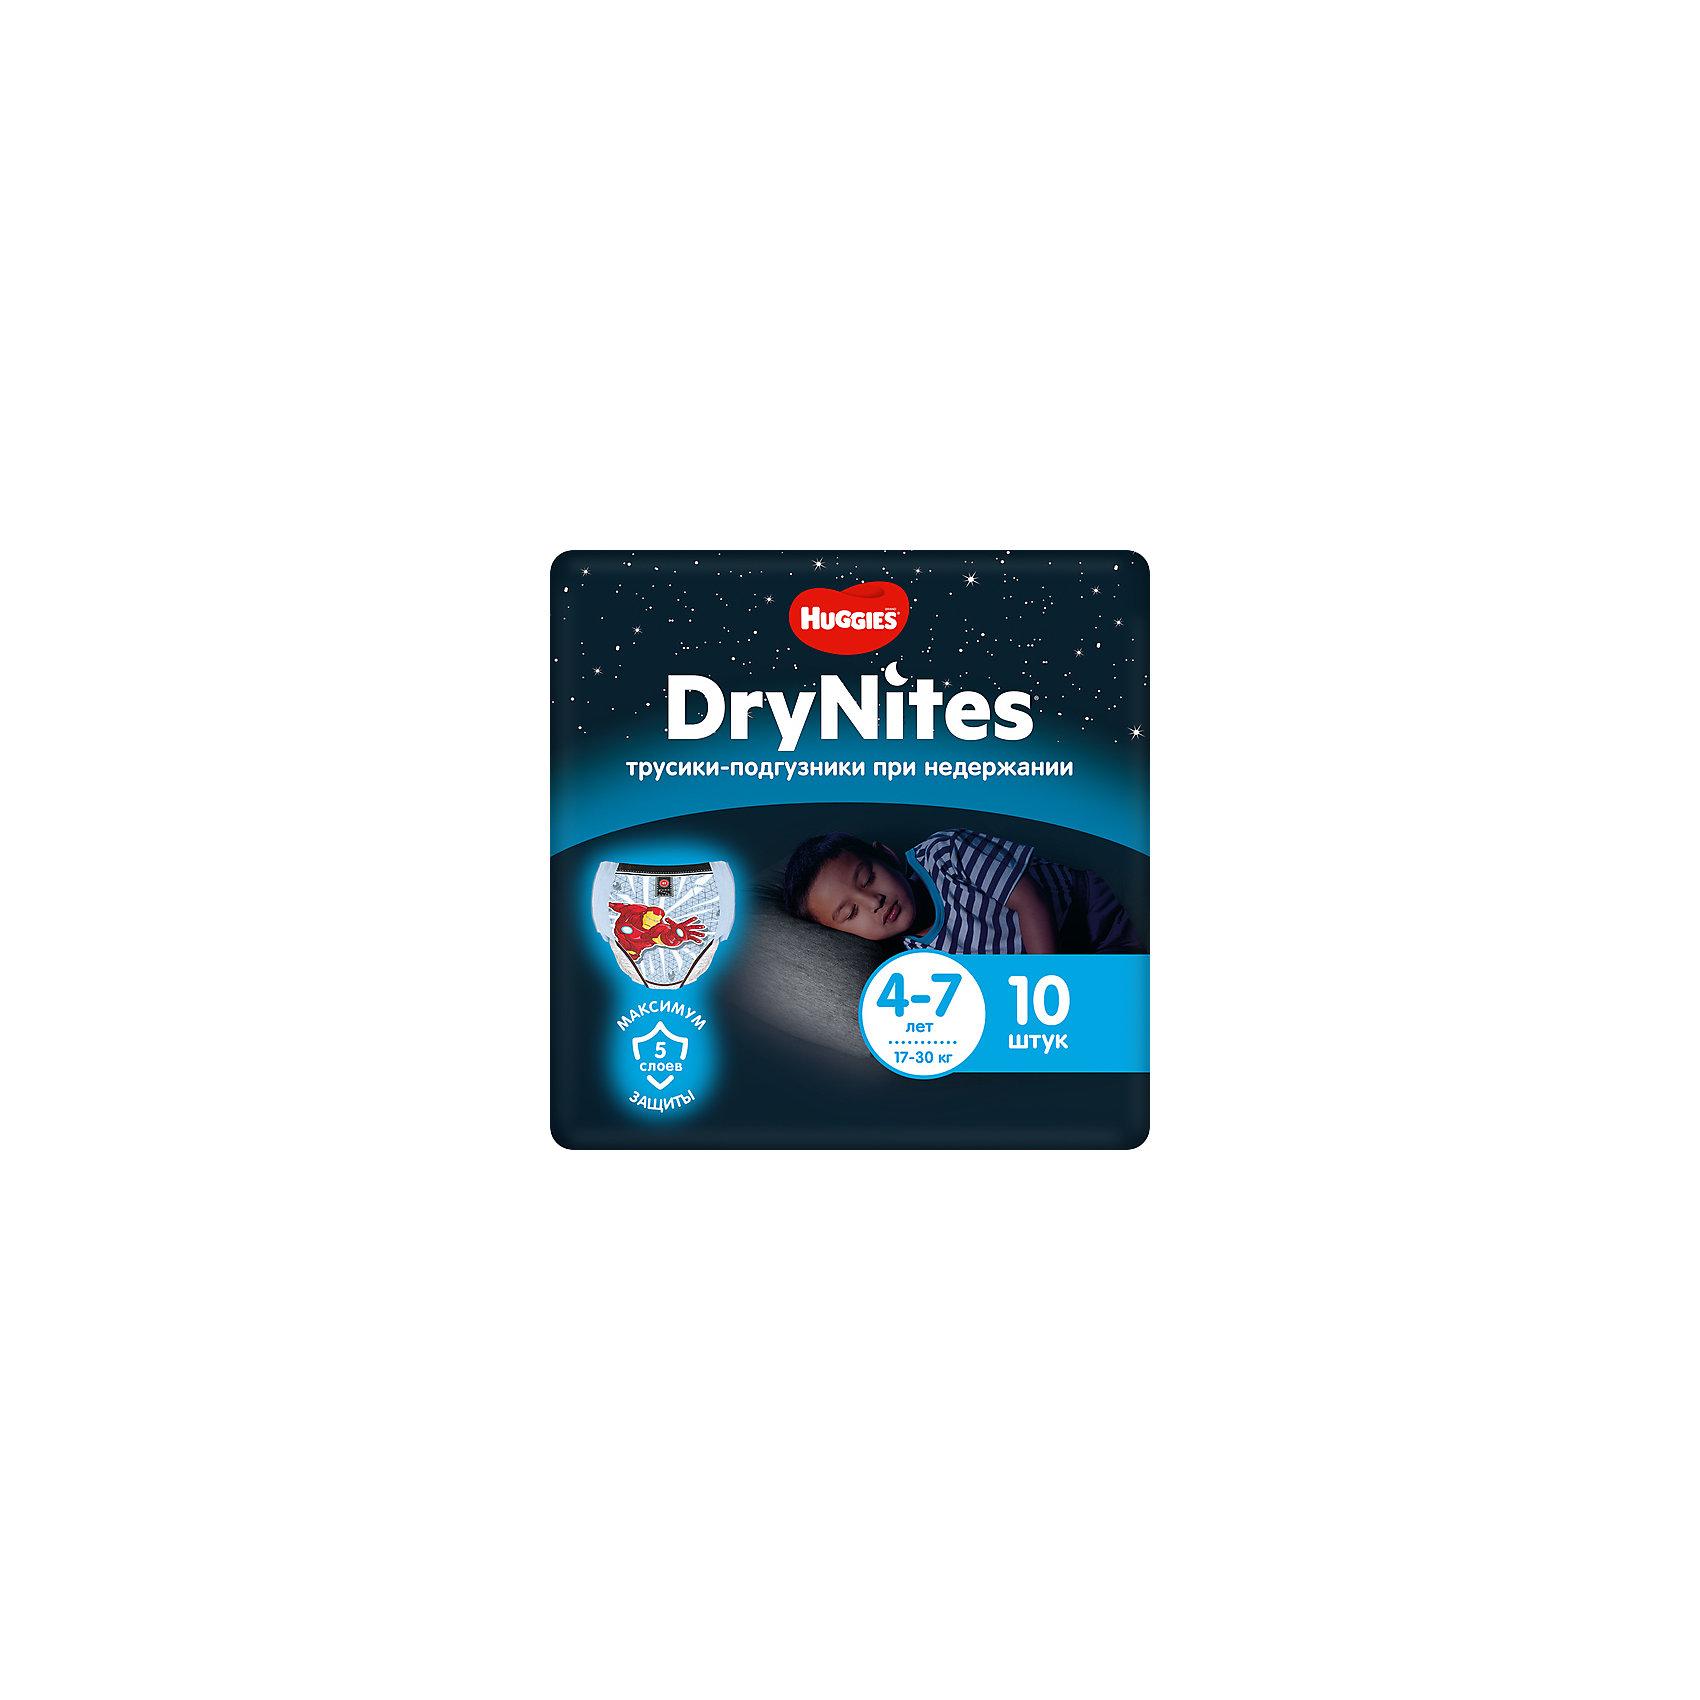 трусики-huggies-drynites-для-мальчиков-4-7-лет-17-30-кг-10-шт